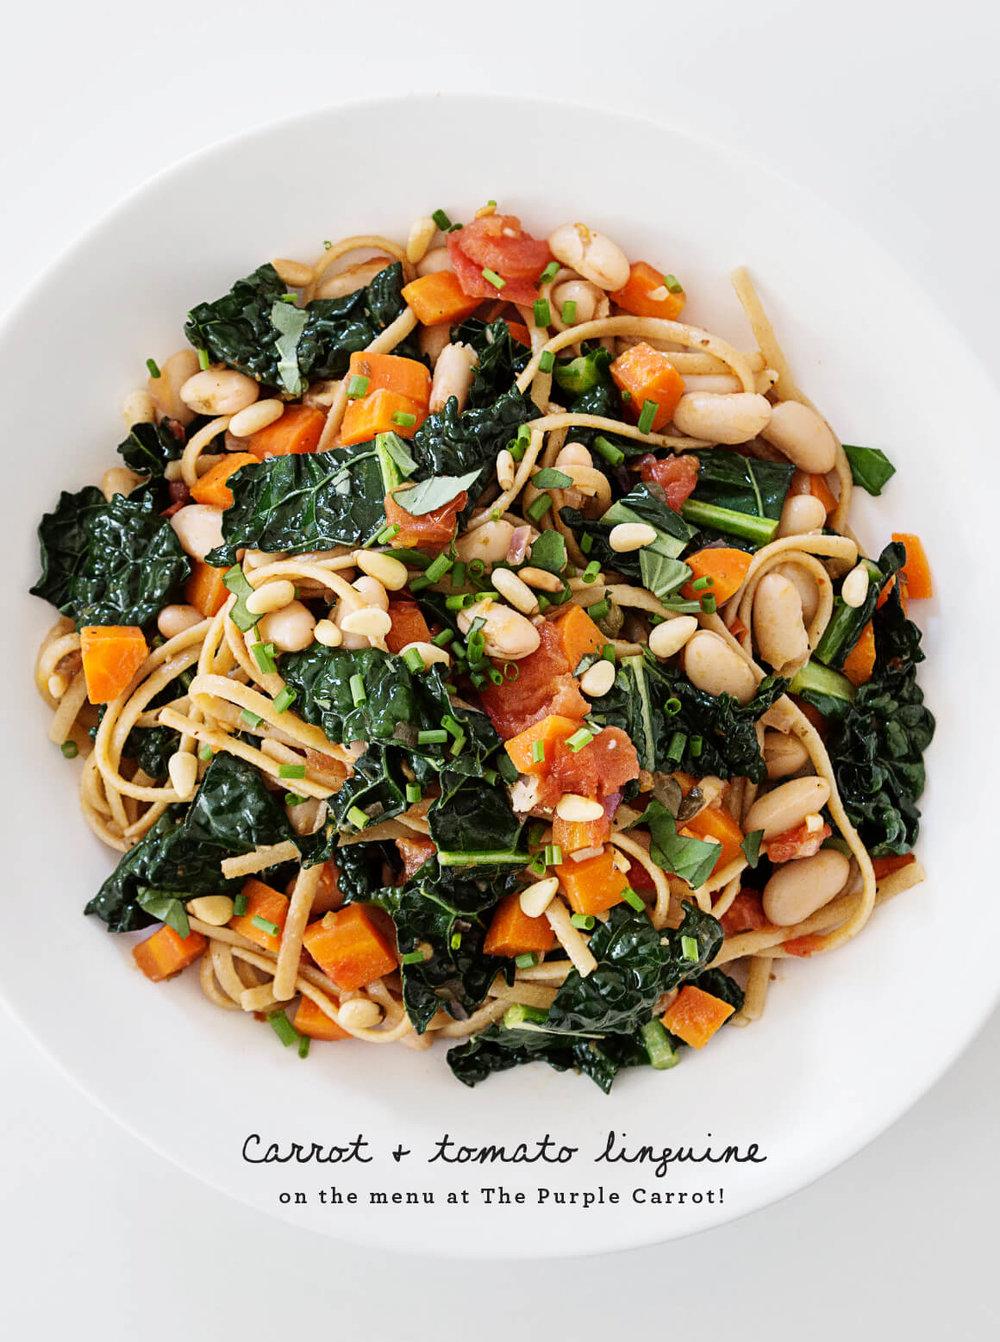 Carrot & Tomato Pasta